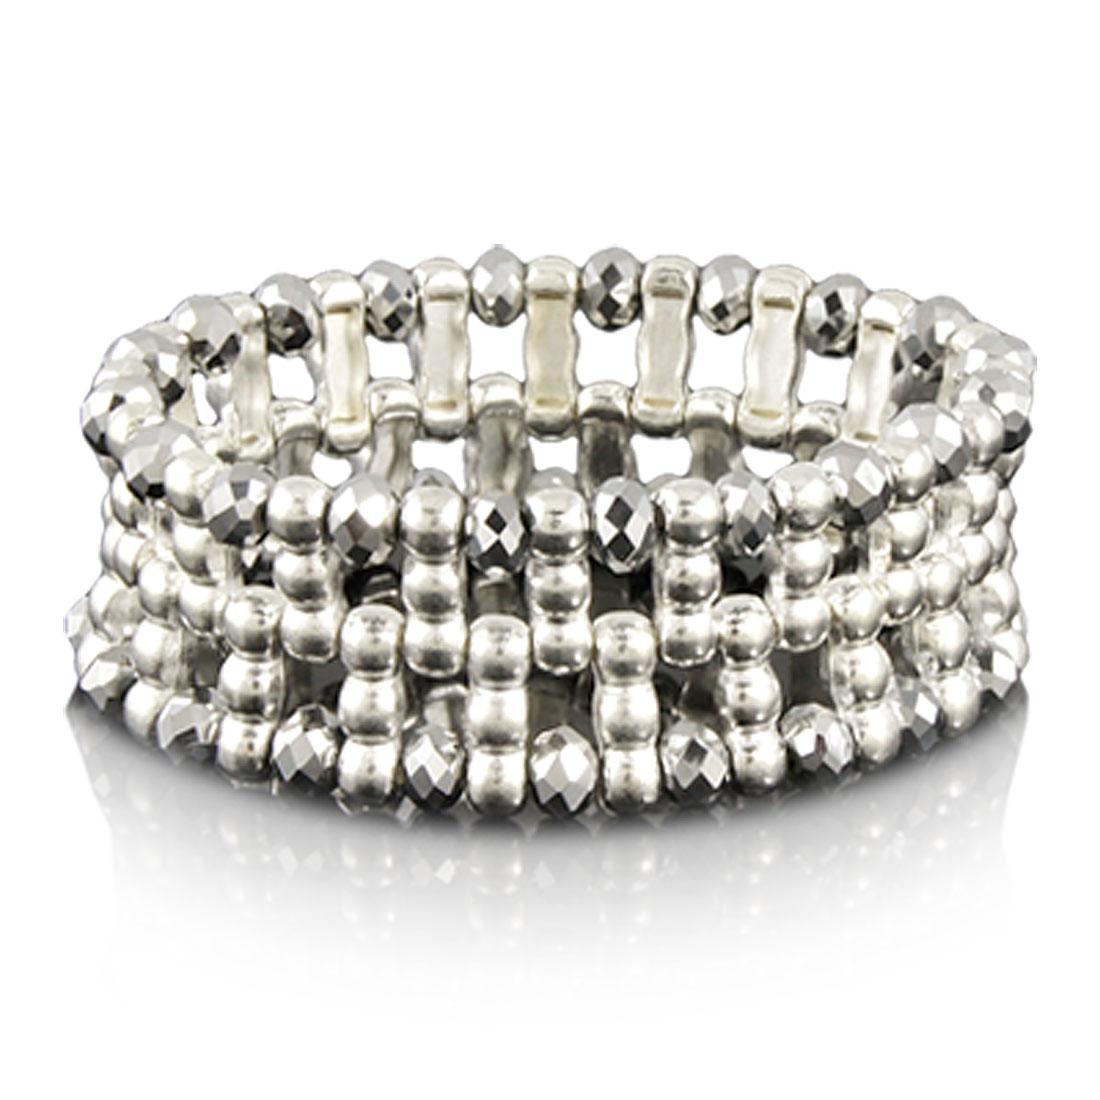 Gray Plastic Crystal Beads Elastic Bracelet for Women